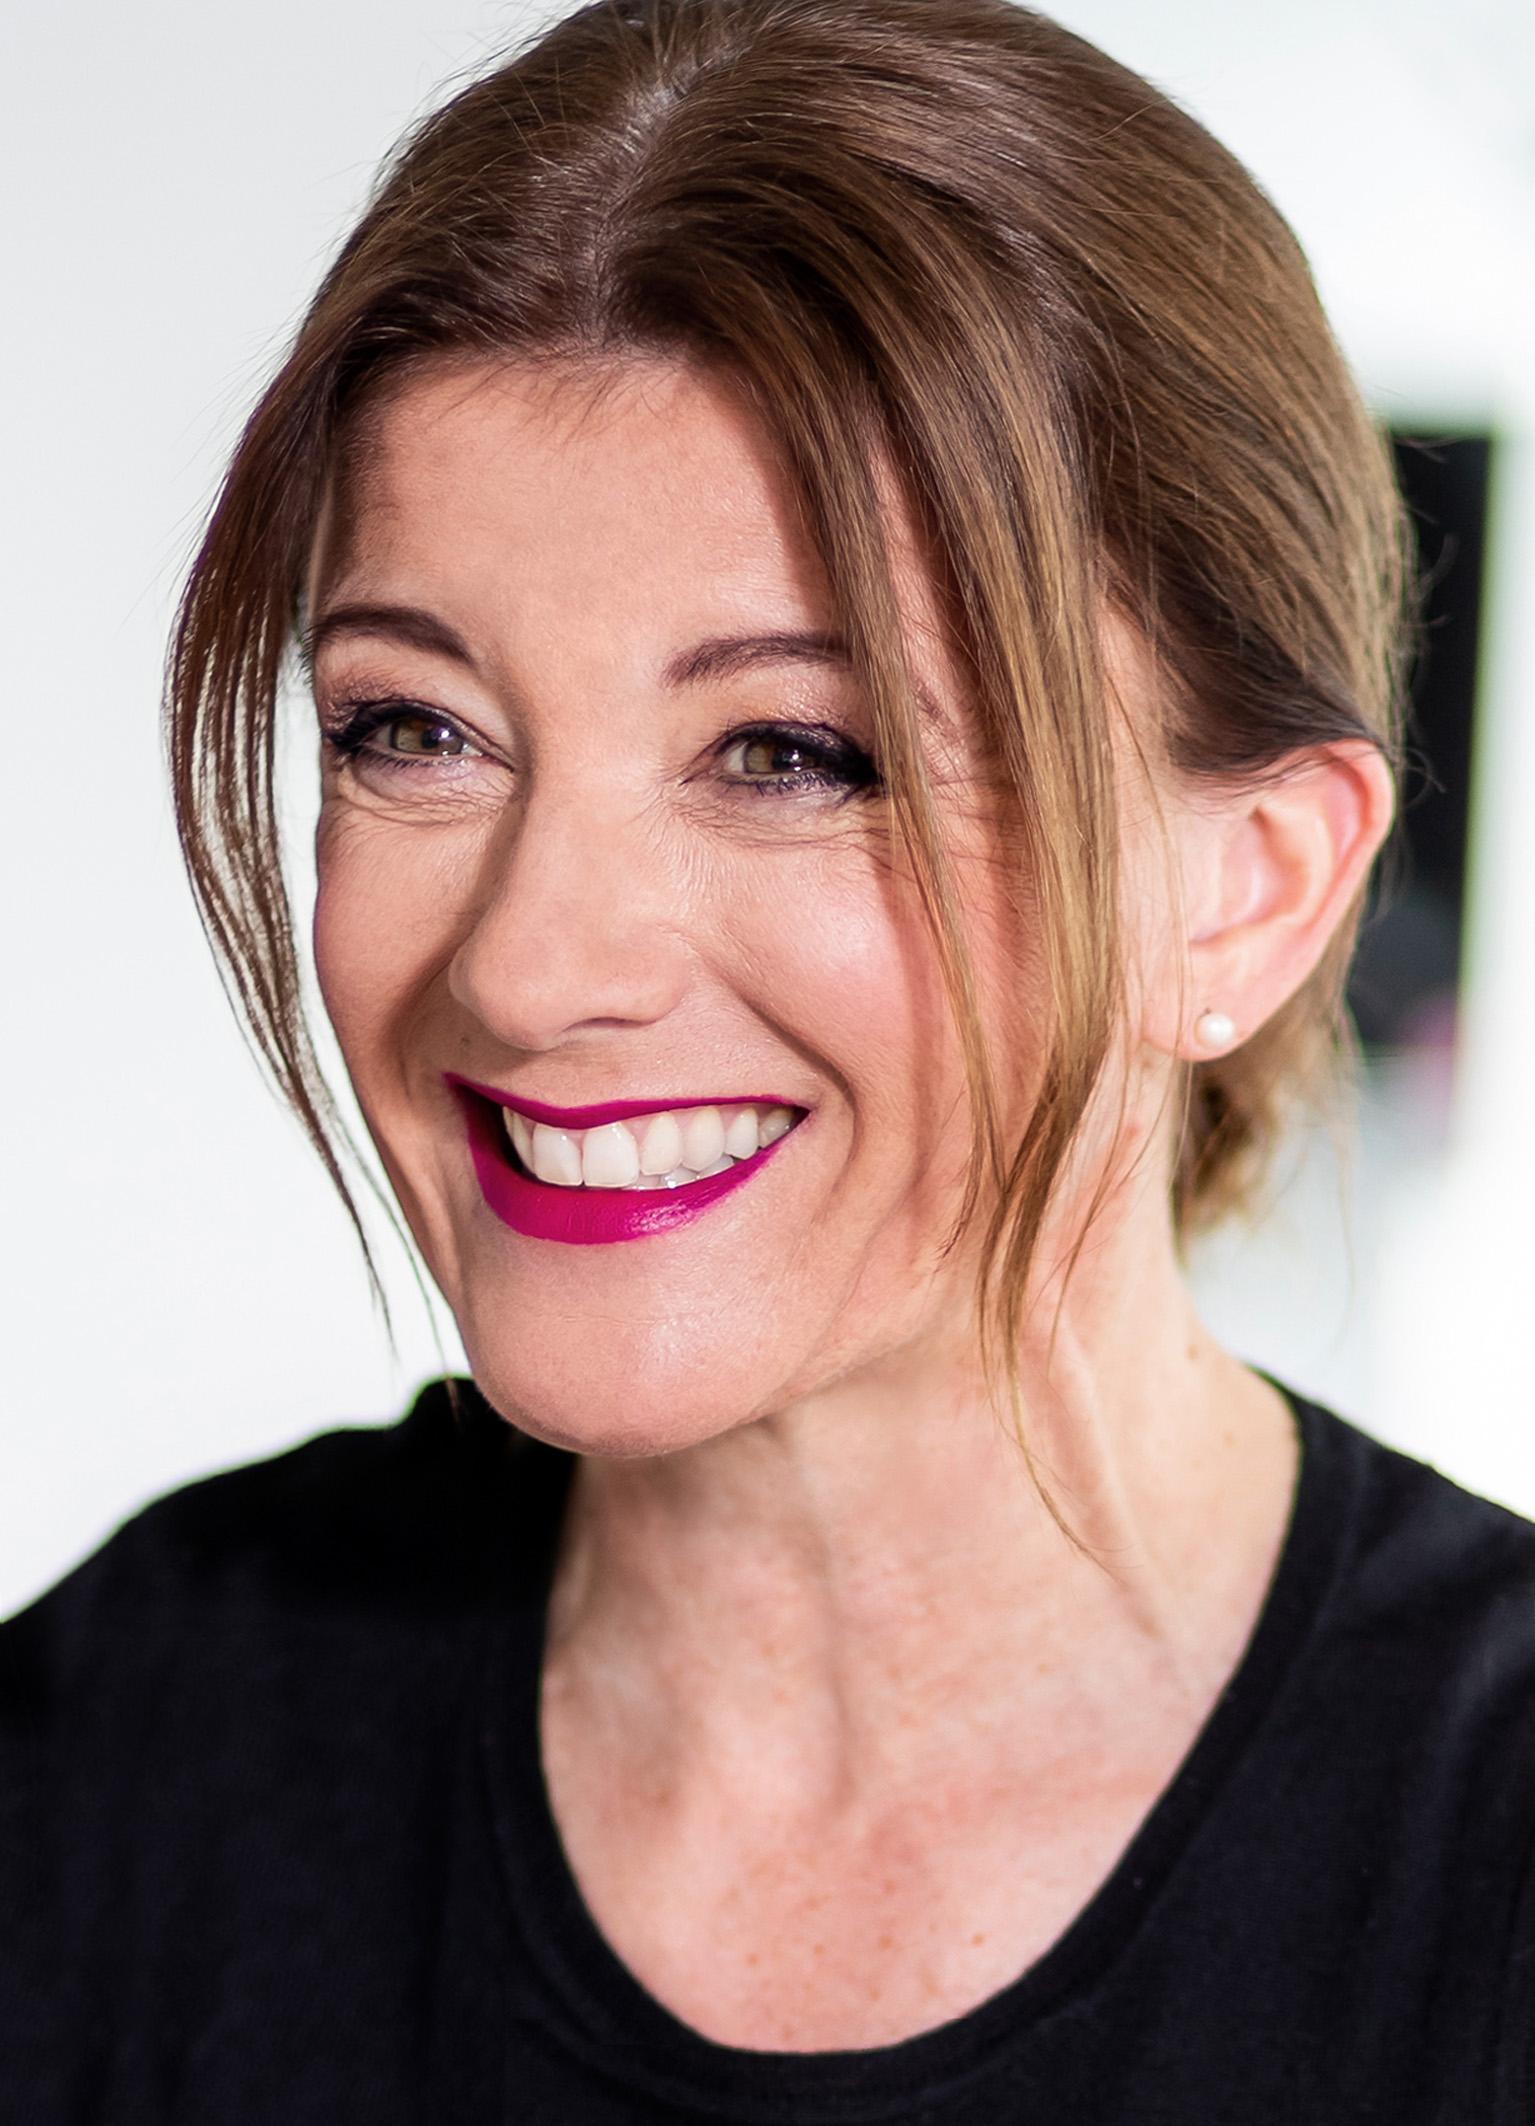 Sabine Hübner - Fotograf: Martin Steiger